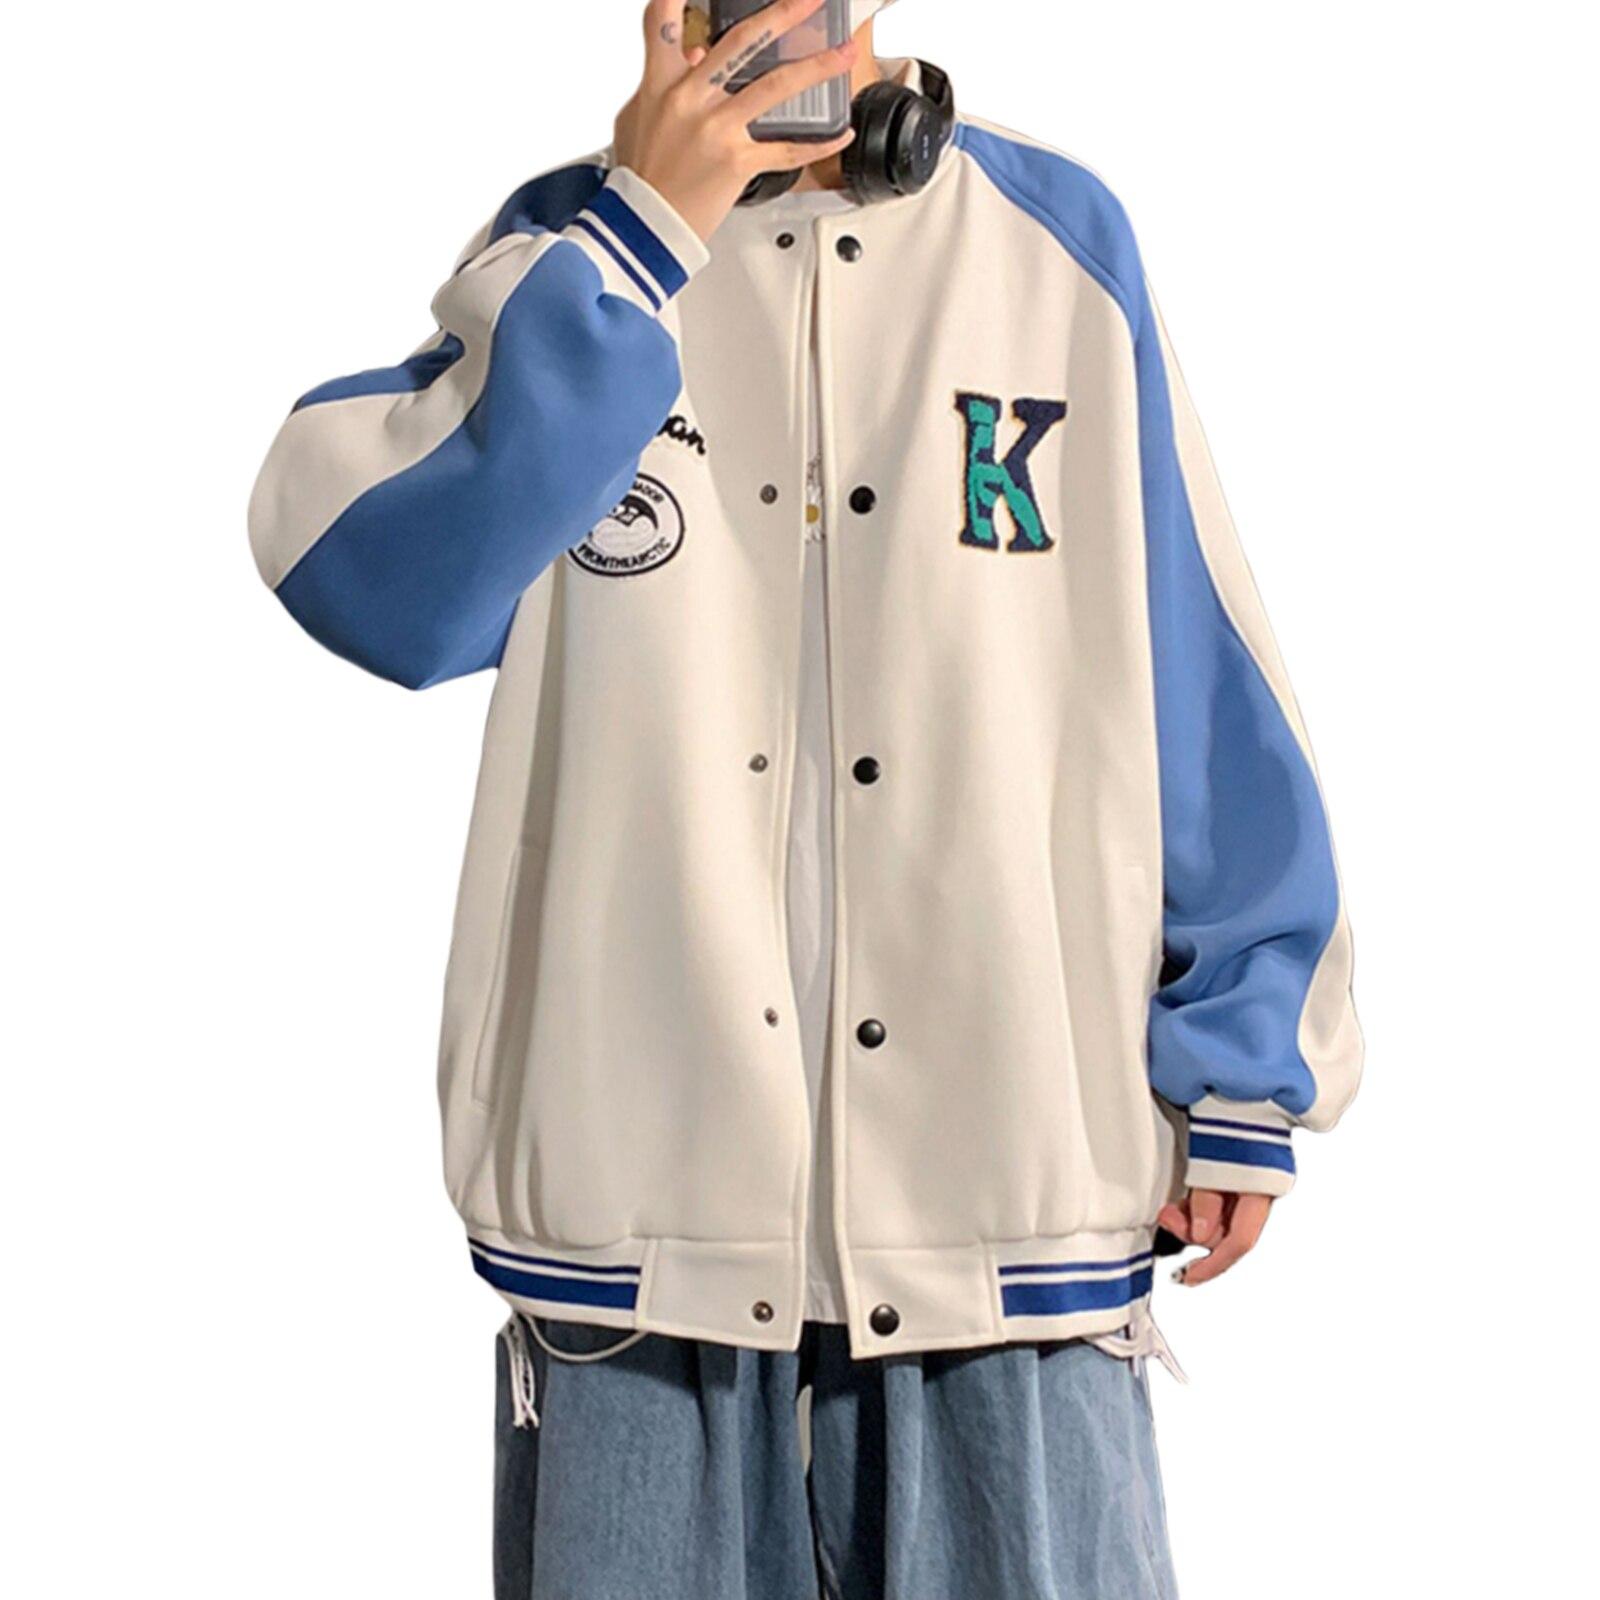 Женская бейсбольная куртка в стиле хип-хоп с вышивкой, куртки-бомберы большого размера с длинным рукавом, лоскутные куртки-бомберы